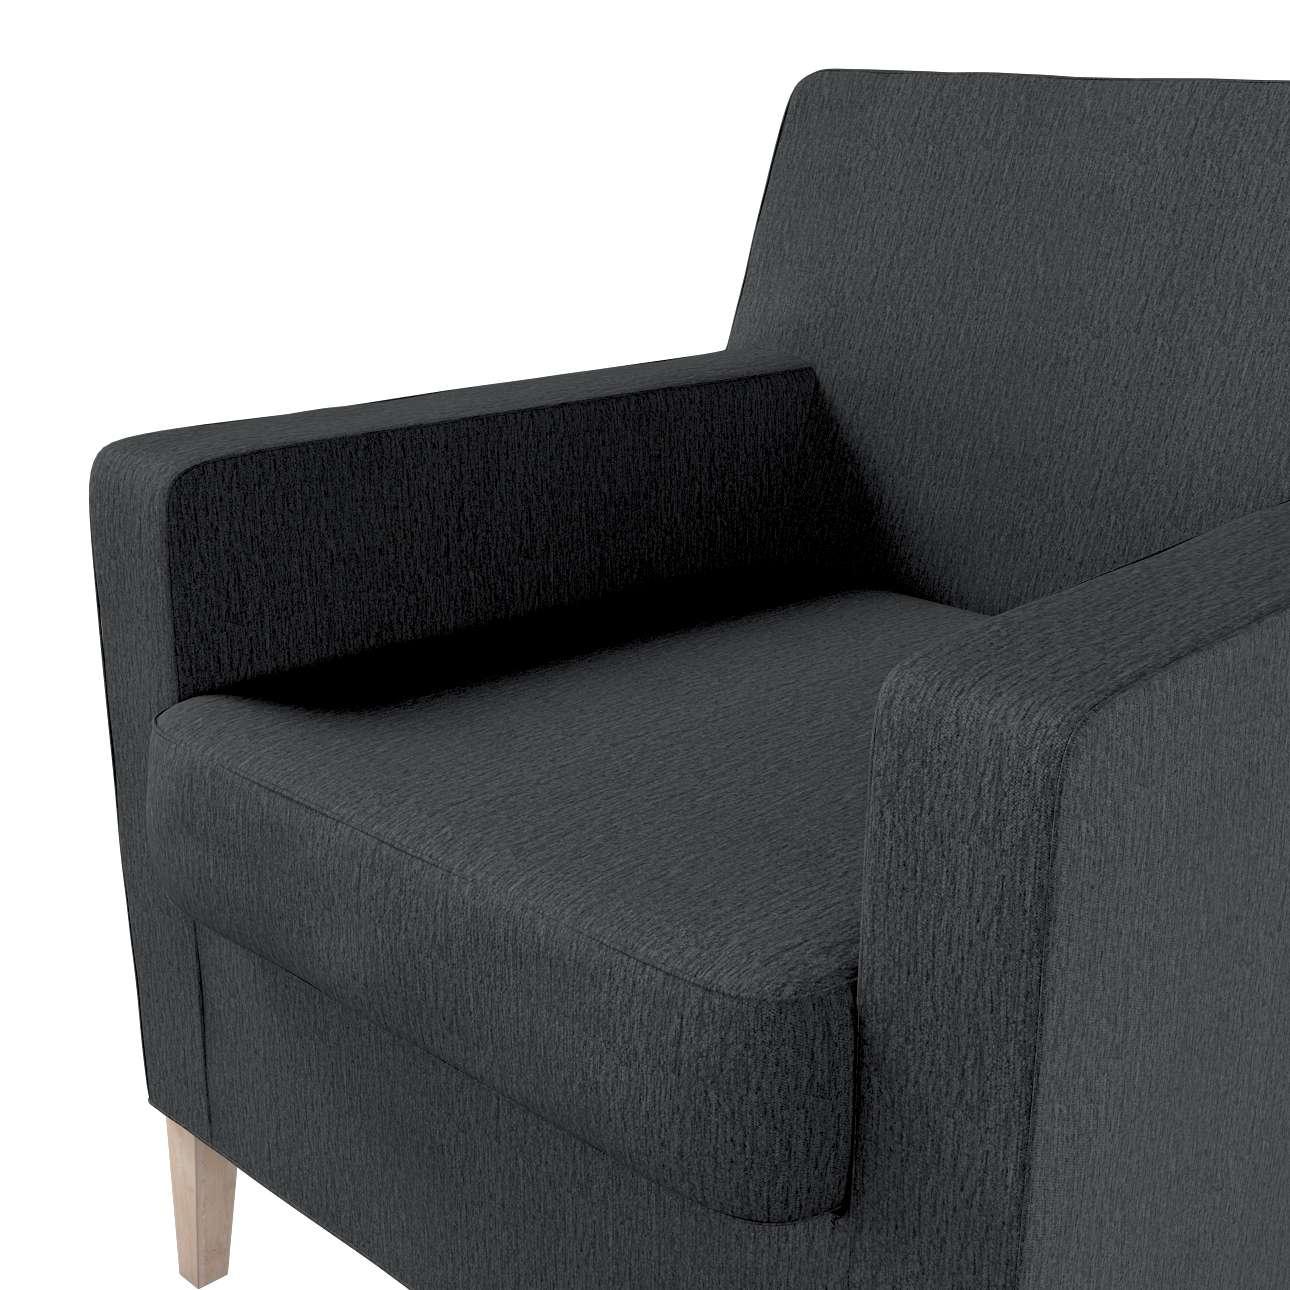 Pokrowiec na fotel Karlstad w kolekcji Chenille, tkanina: 702-20